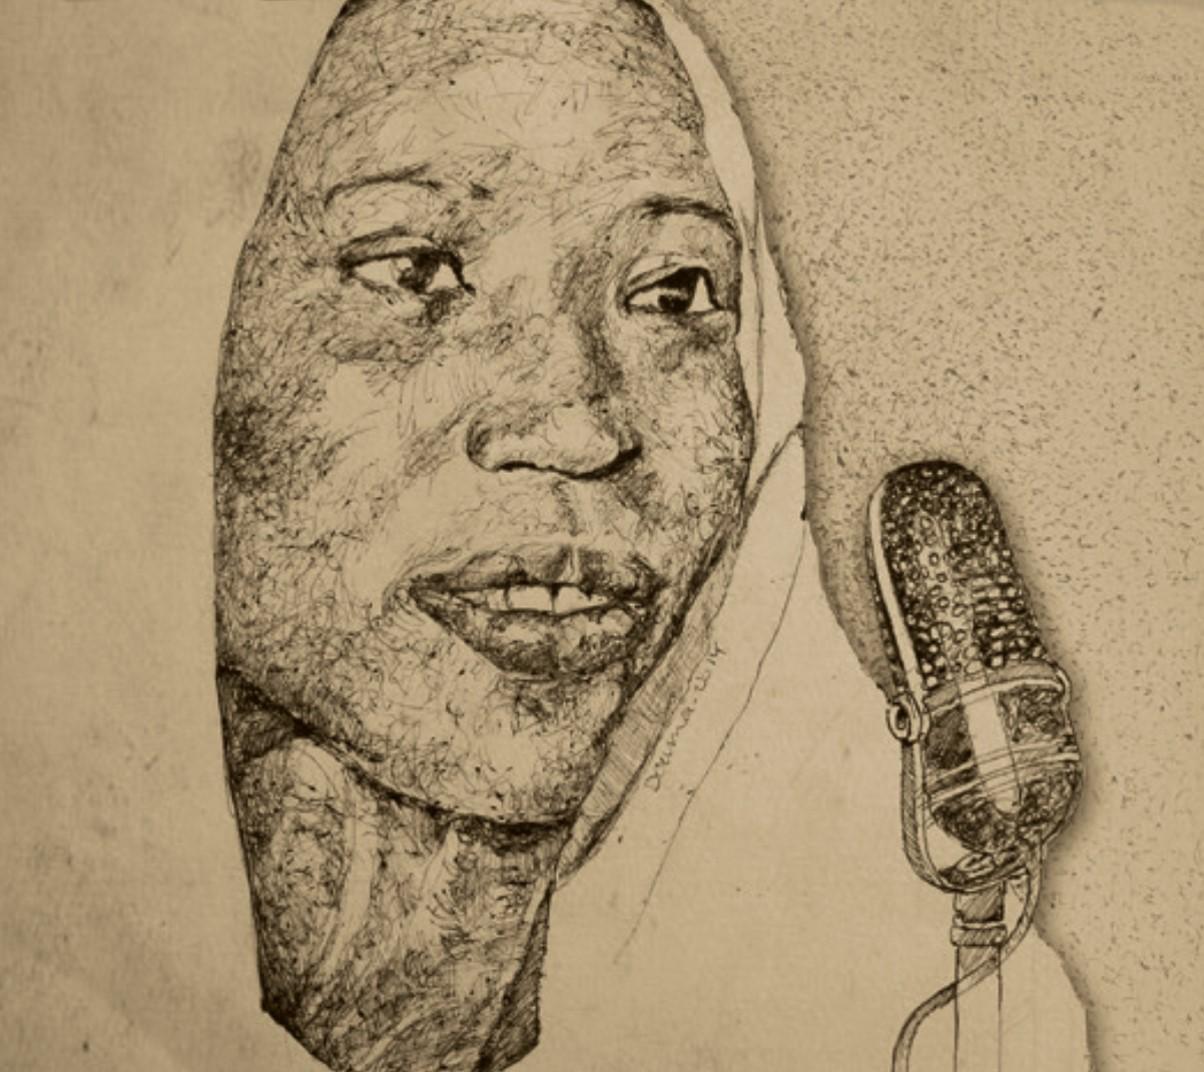 by Nusreldin Eldouma, Sudan